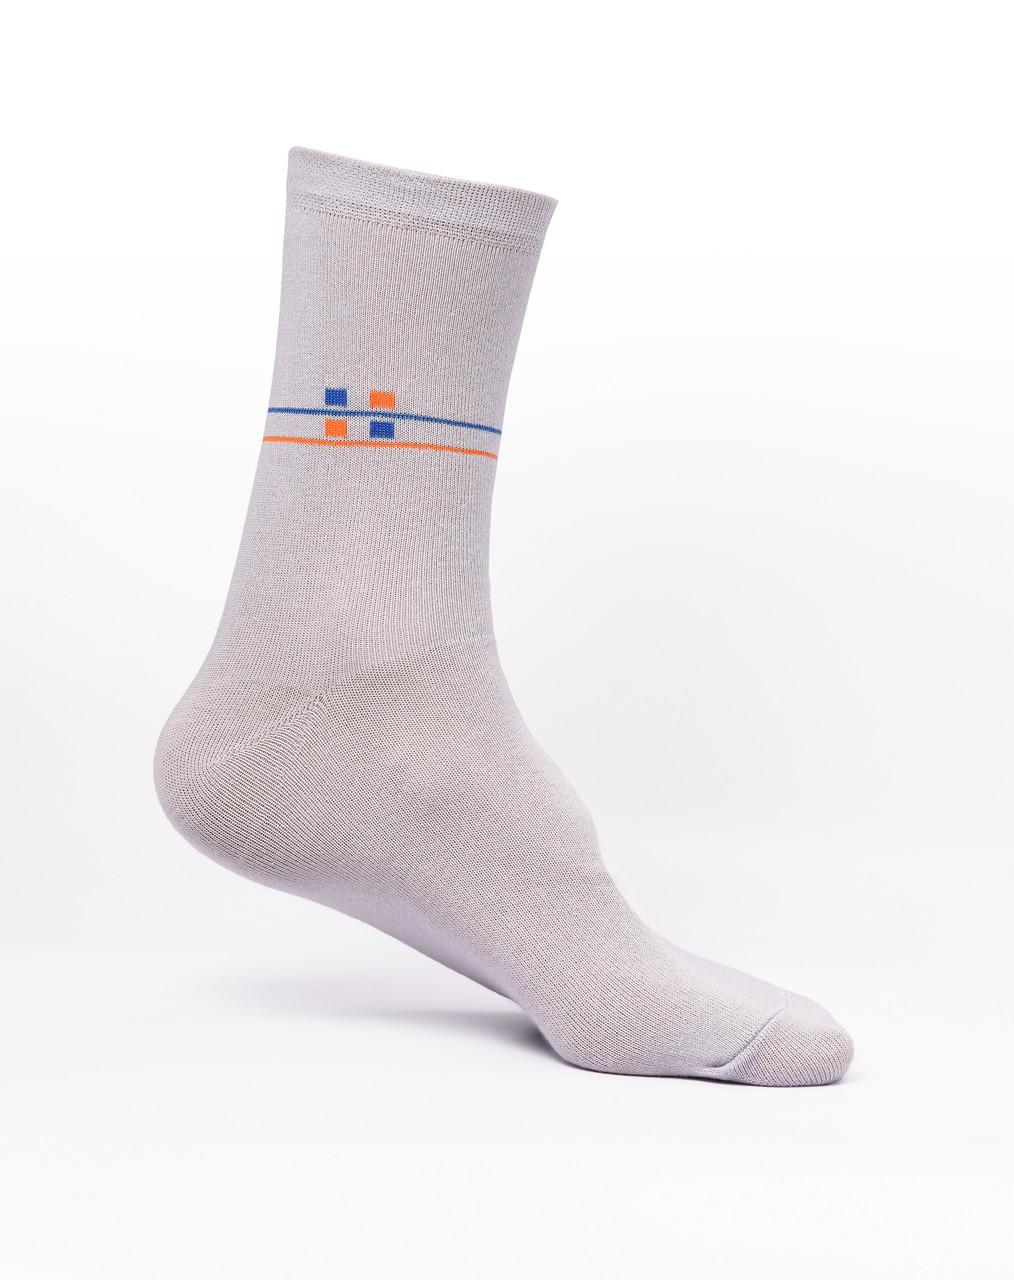 Мужские носки хлопок, серые